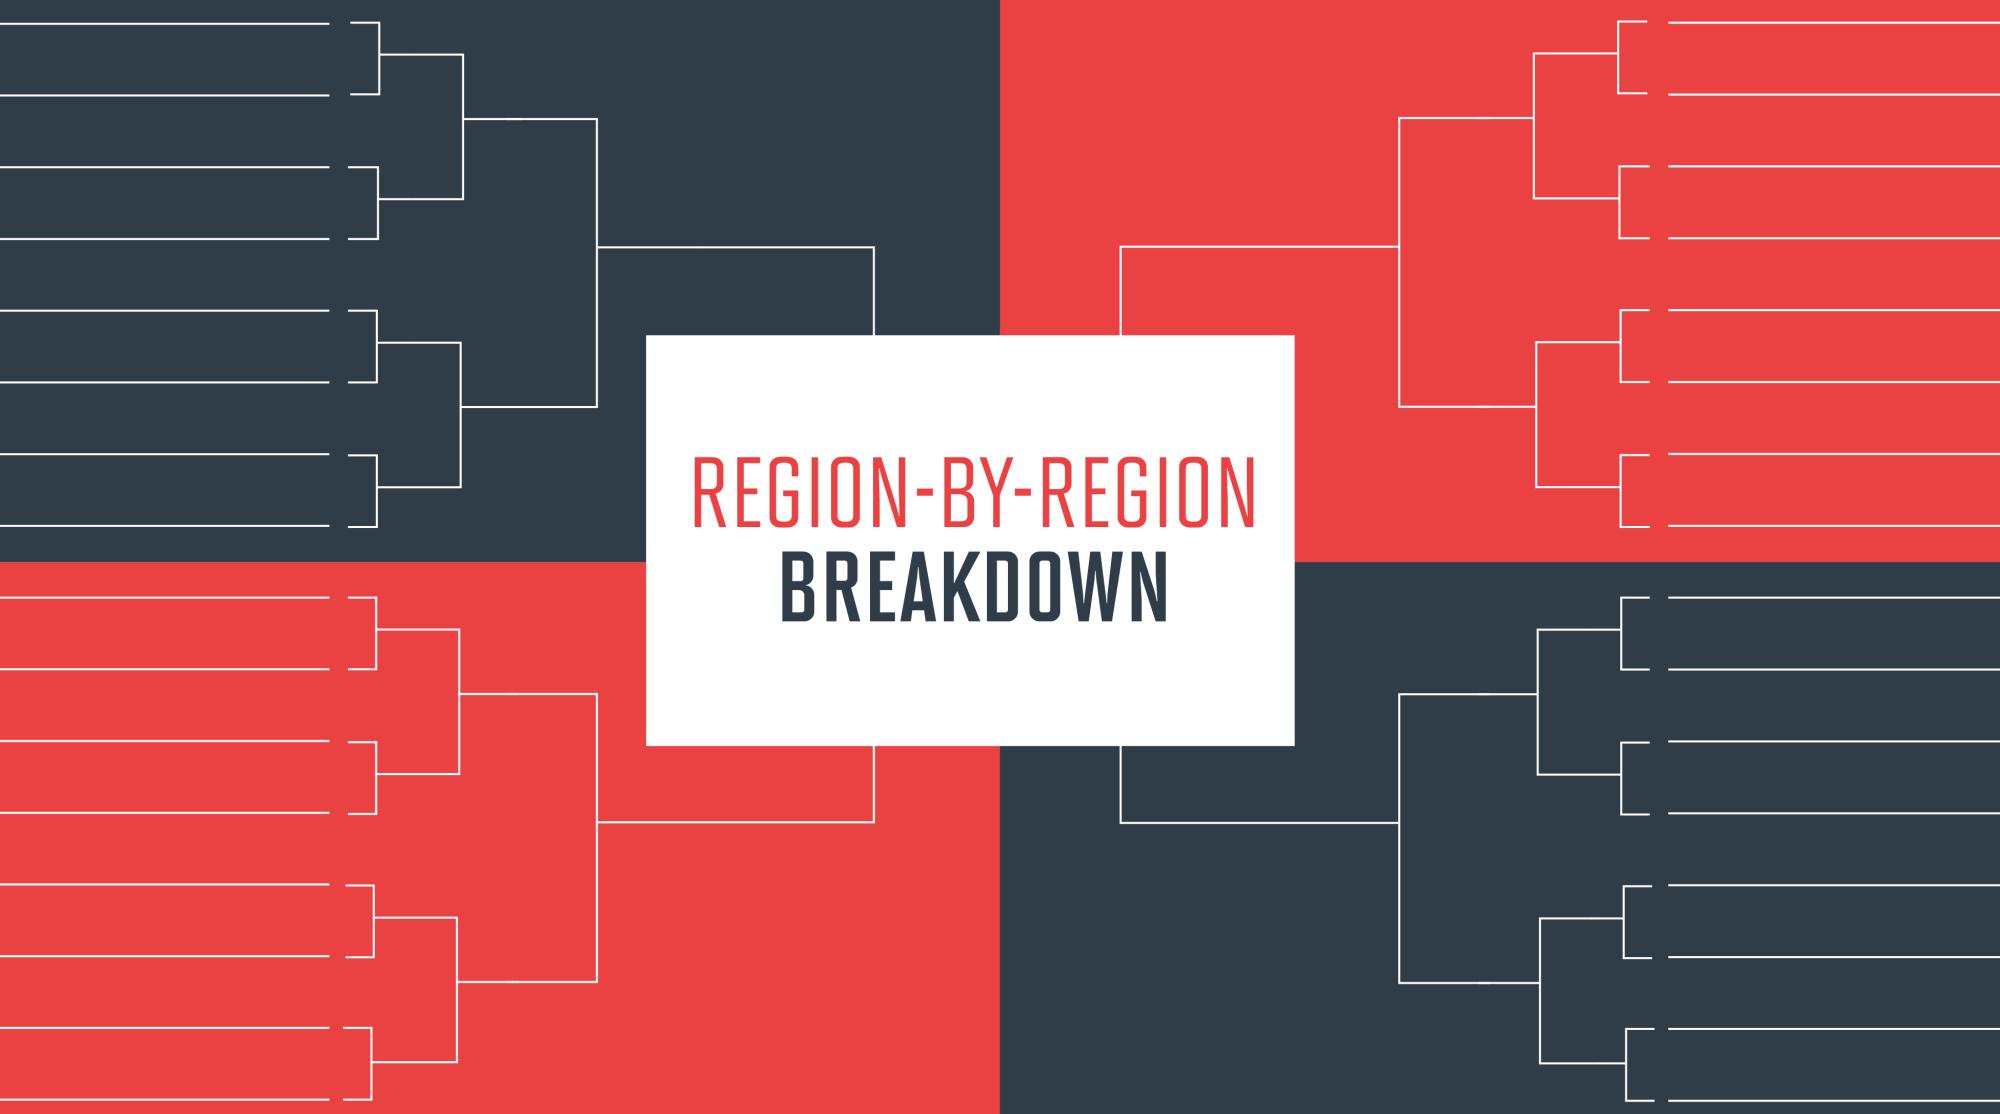 hight resolution of 2019 ncaa tournament bracket breakdown a region by region guide